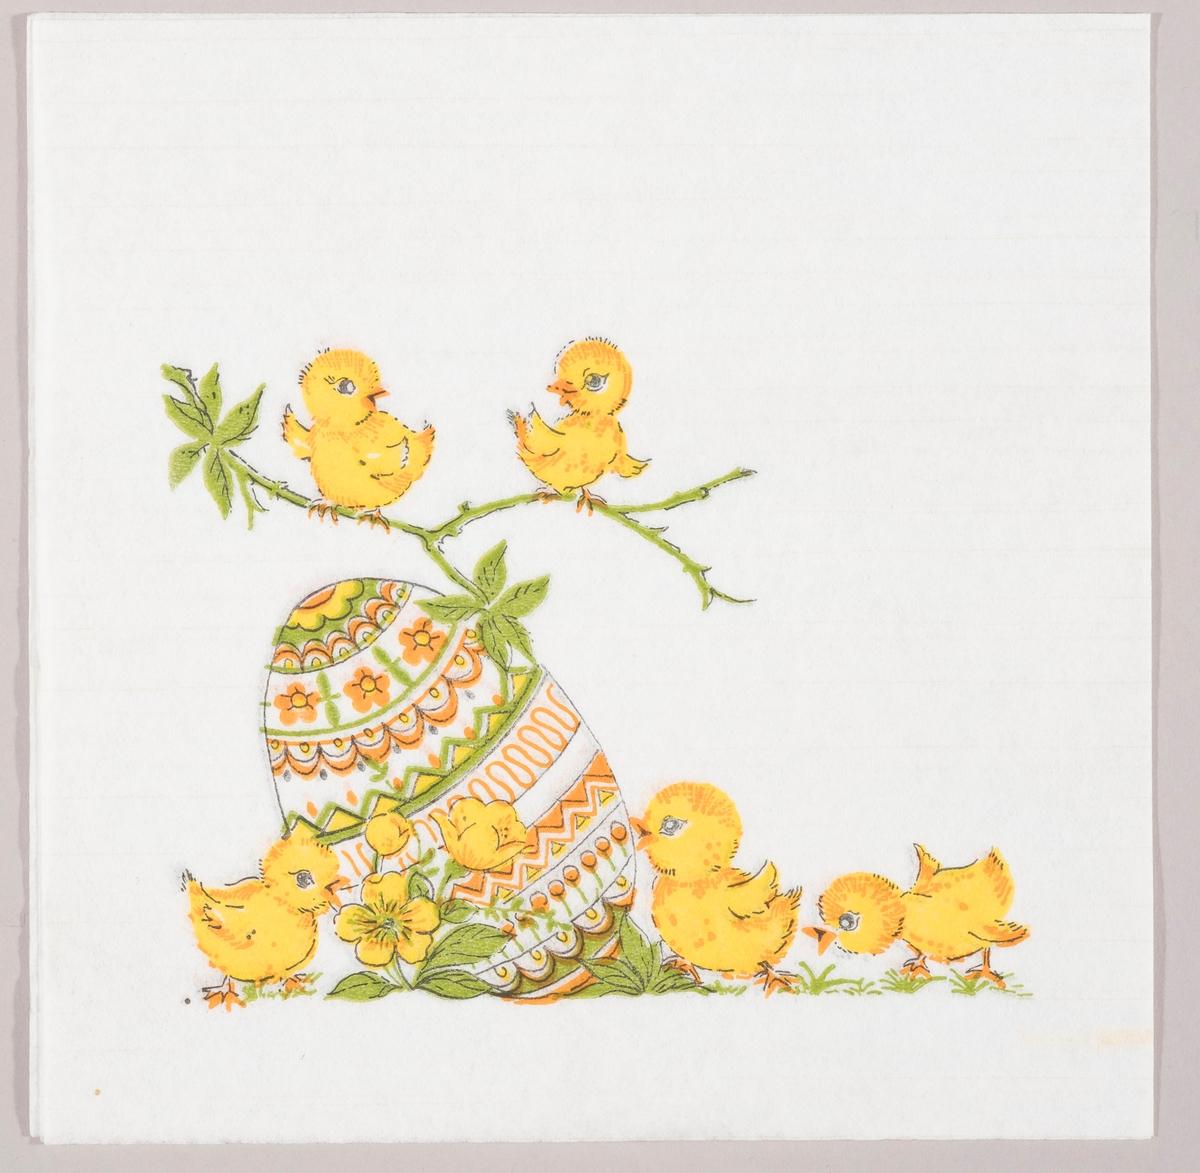 Et stort dekorert påskeegg, kyllinger på en gren og på bakken med gule blomster.